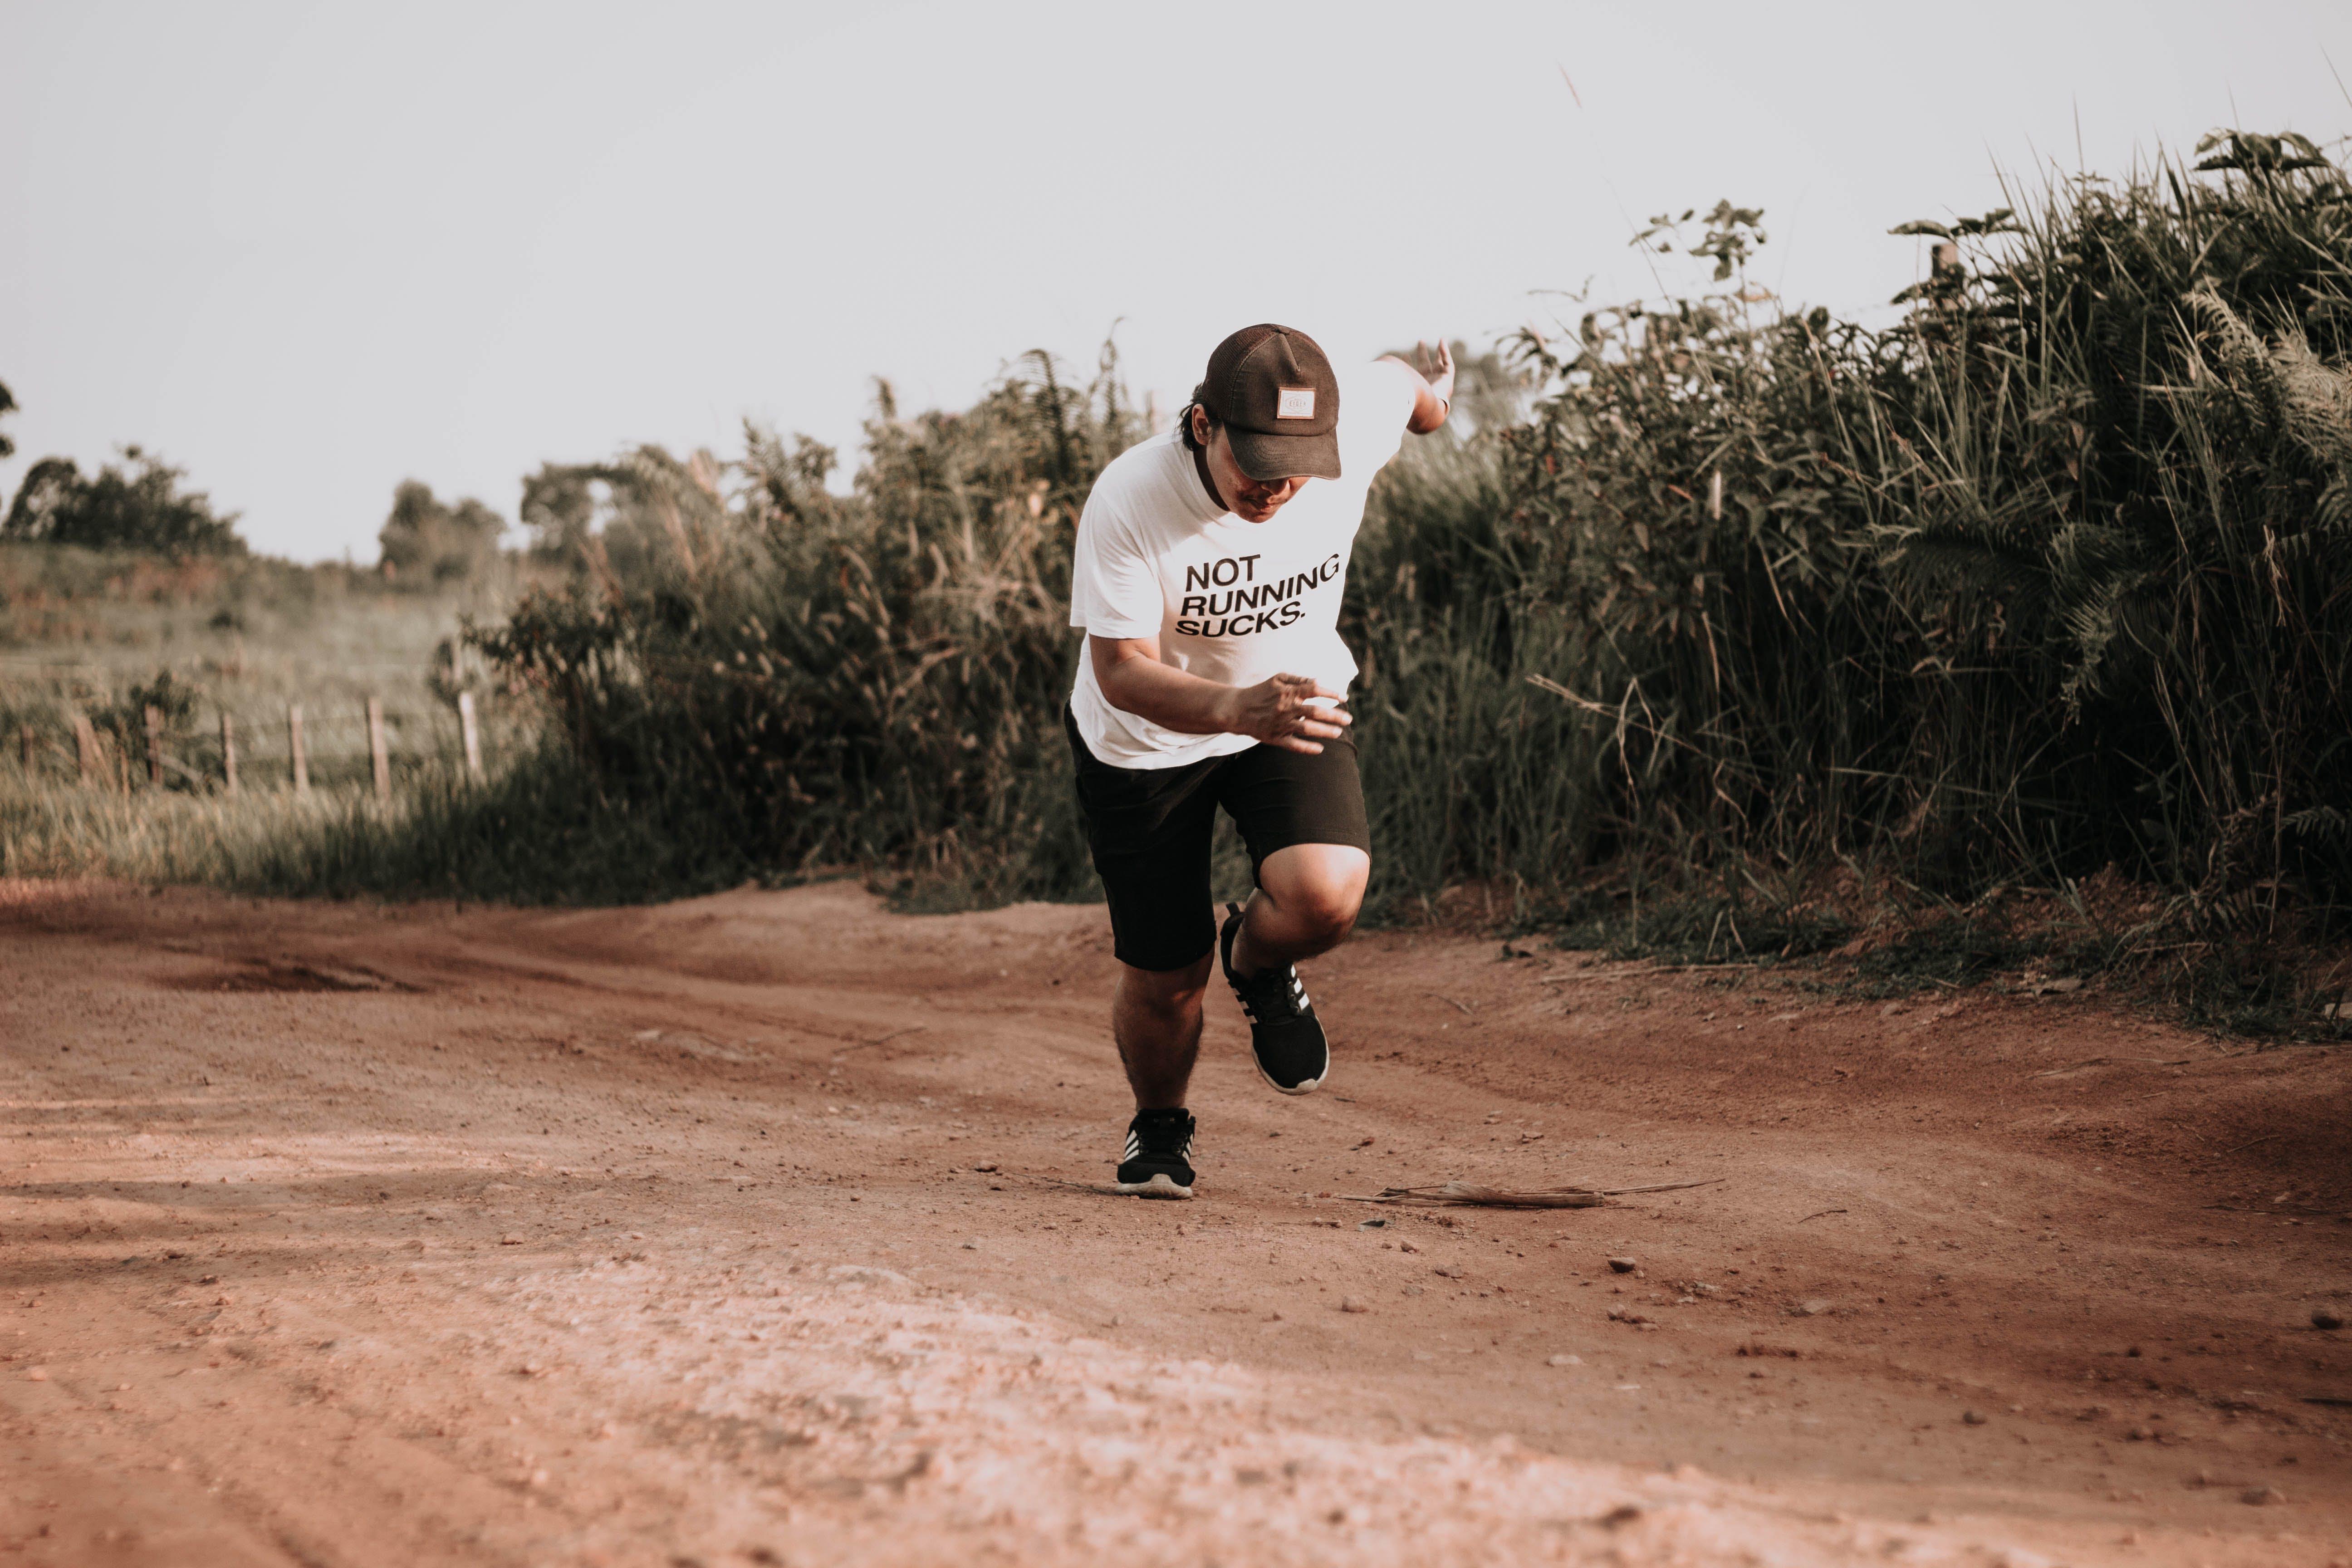 Man Running on Dirt Road